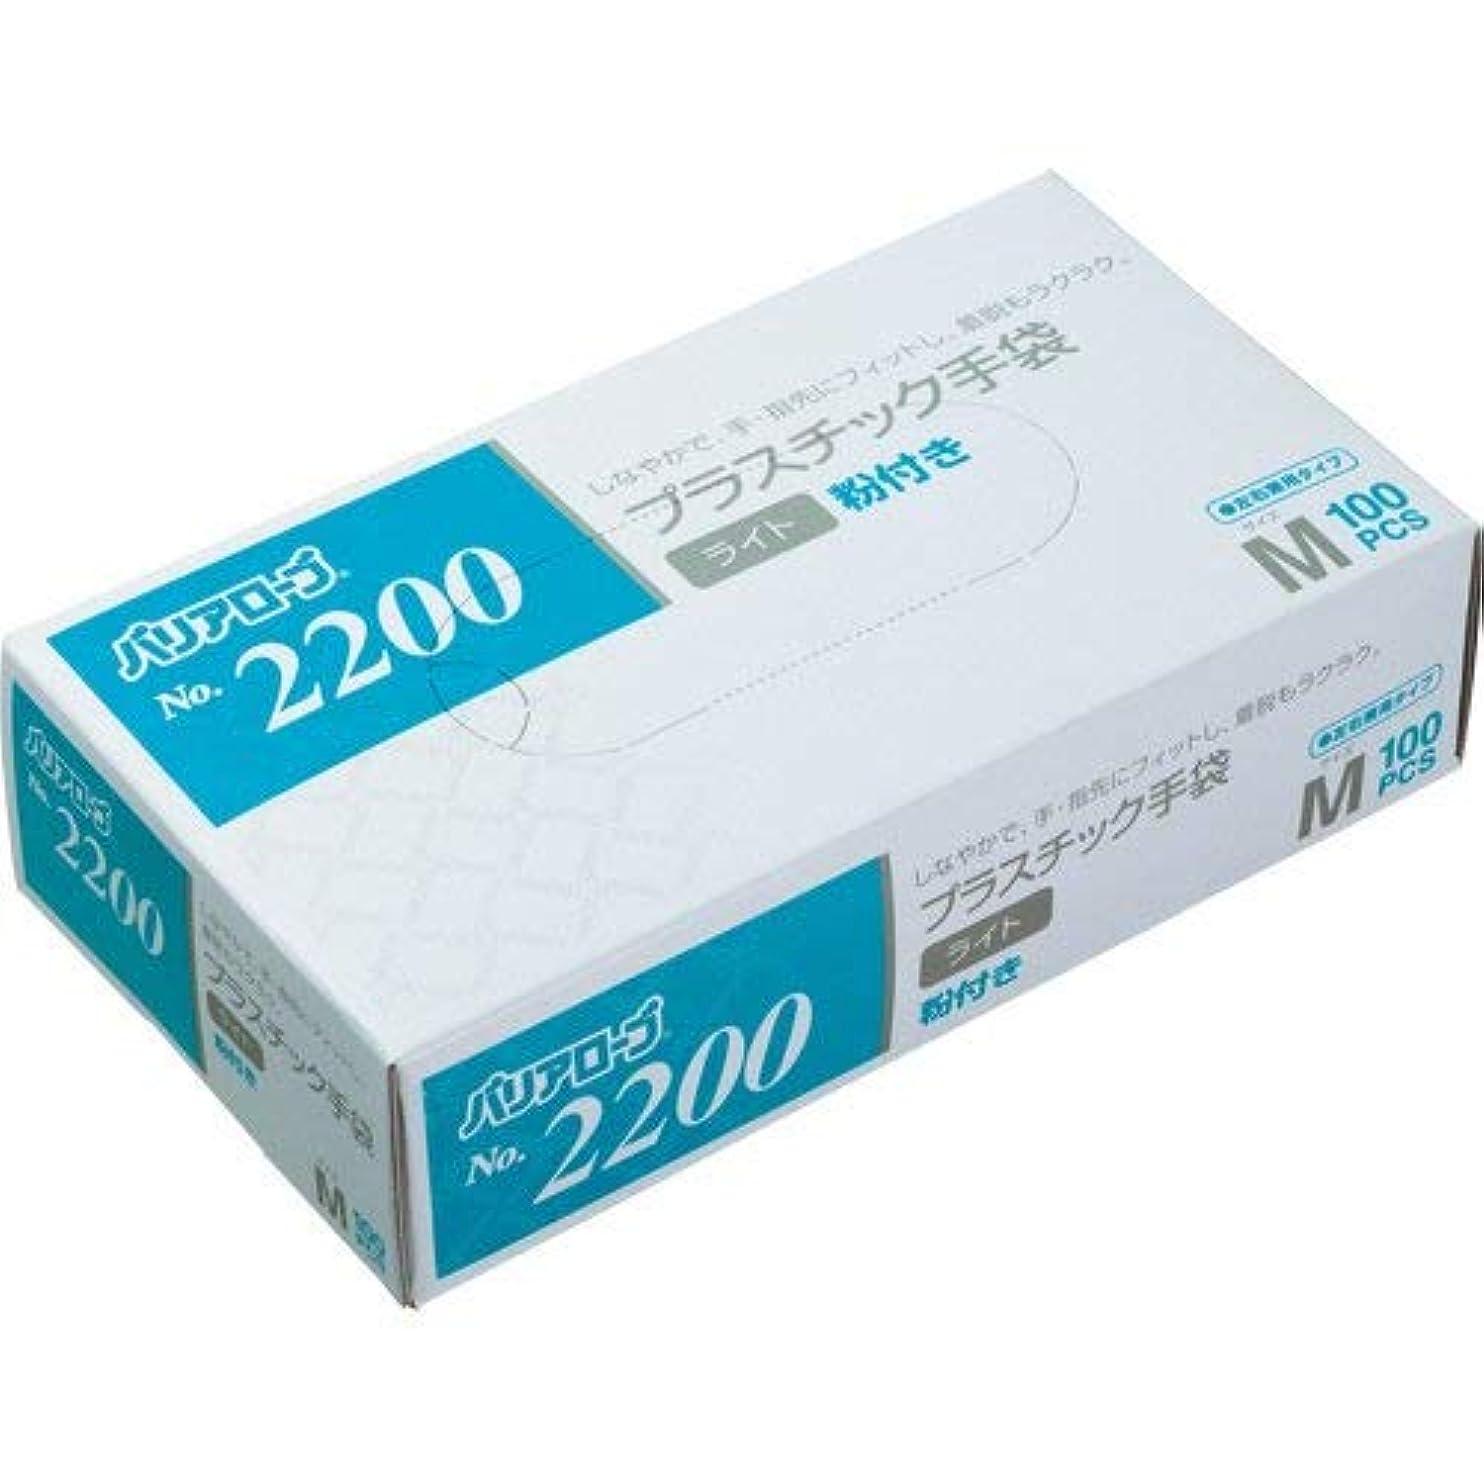 アルファベット順封建書士【ケース販売】 バリアローブ №2200 プラスチック手袋 ライト (粉付き) M 2000枚(100枚×20箱)